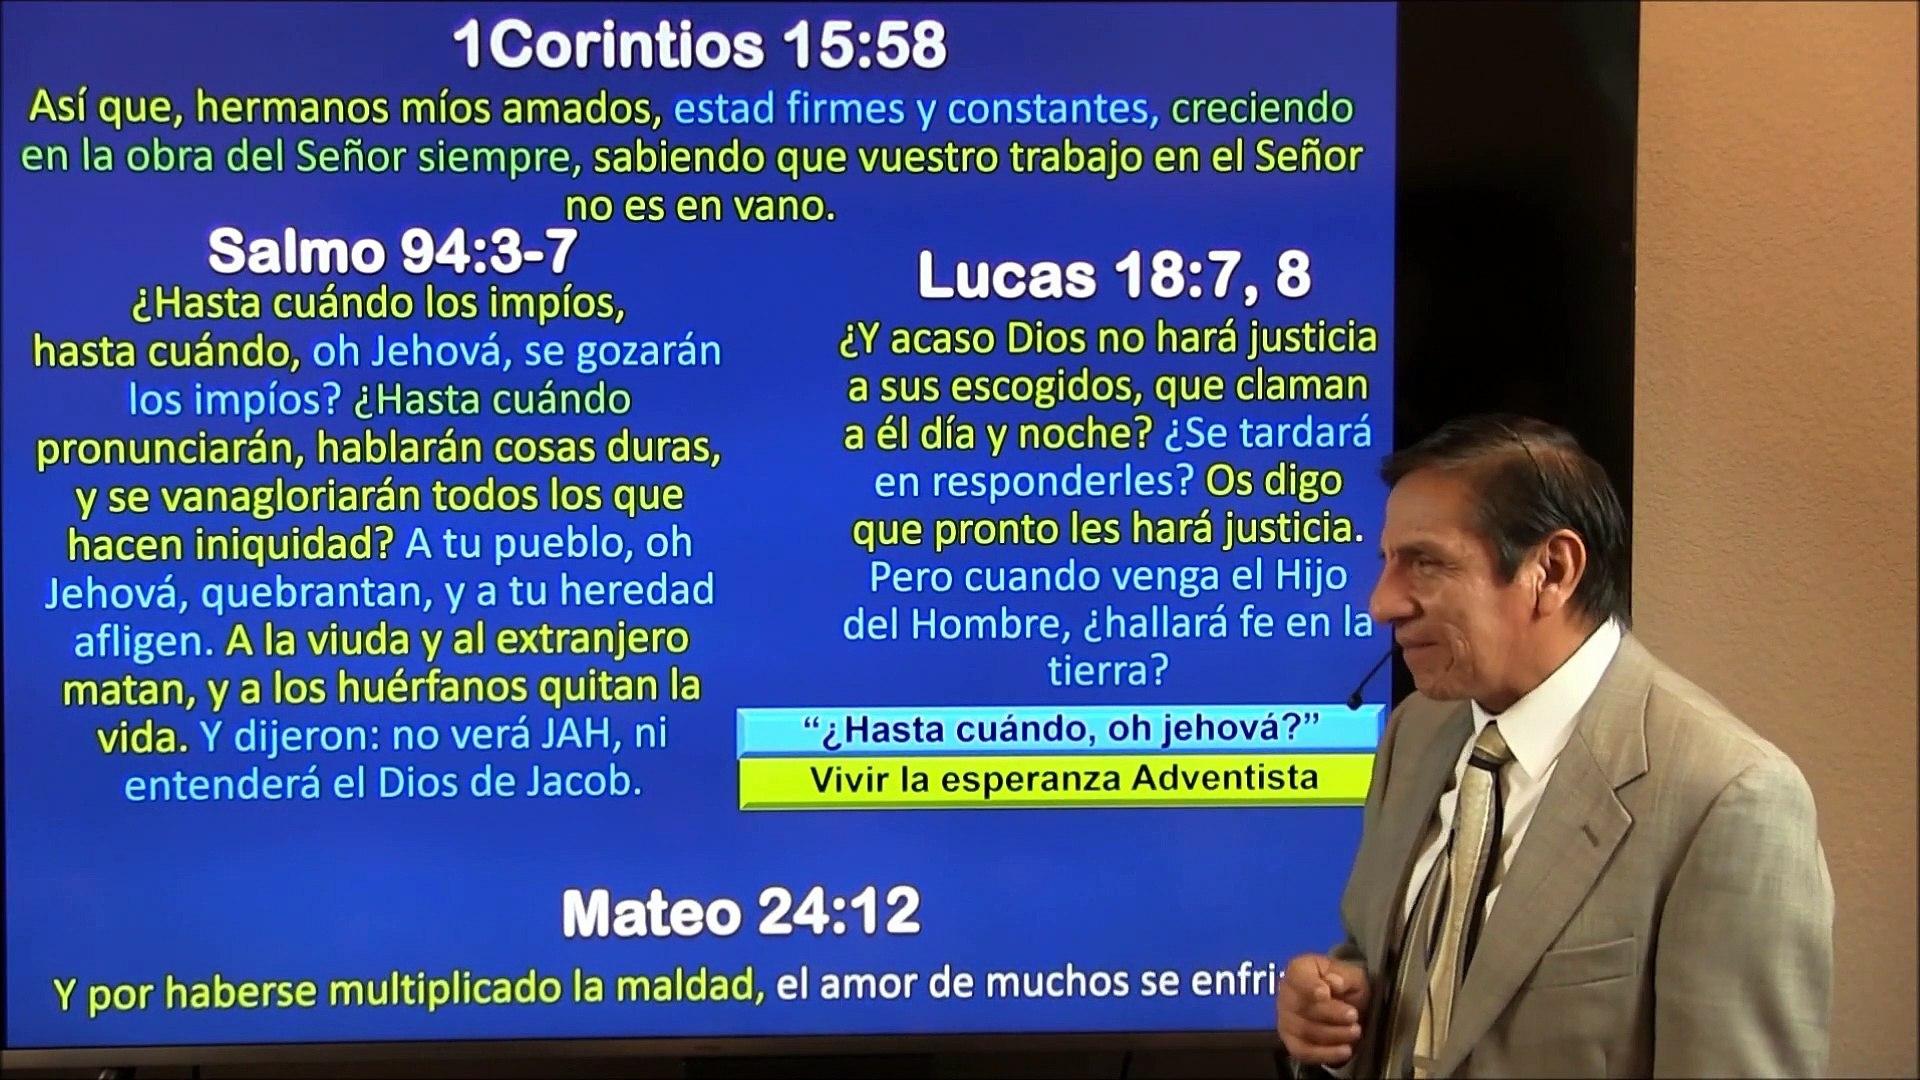 Lección 11: De qué manera vivir la experanza adventista - Escuela Sabatica 2000